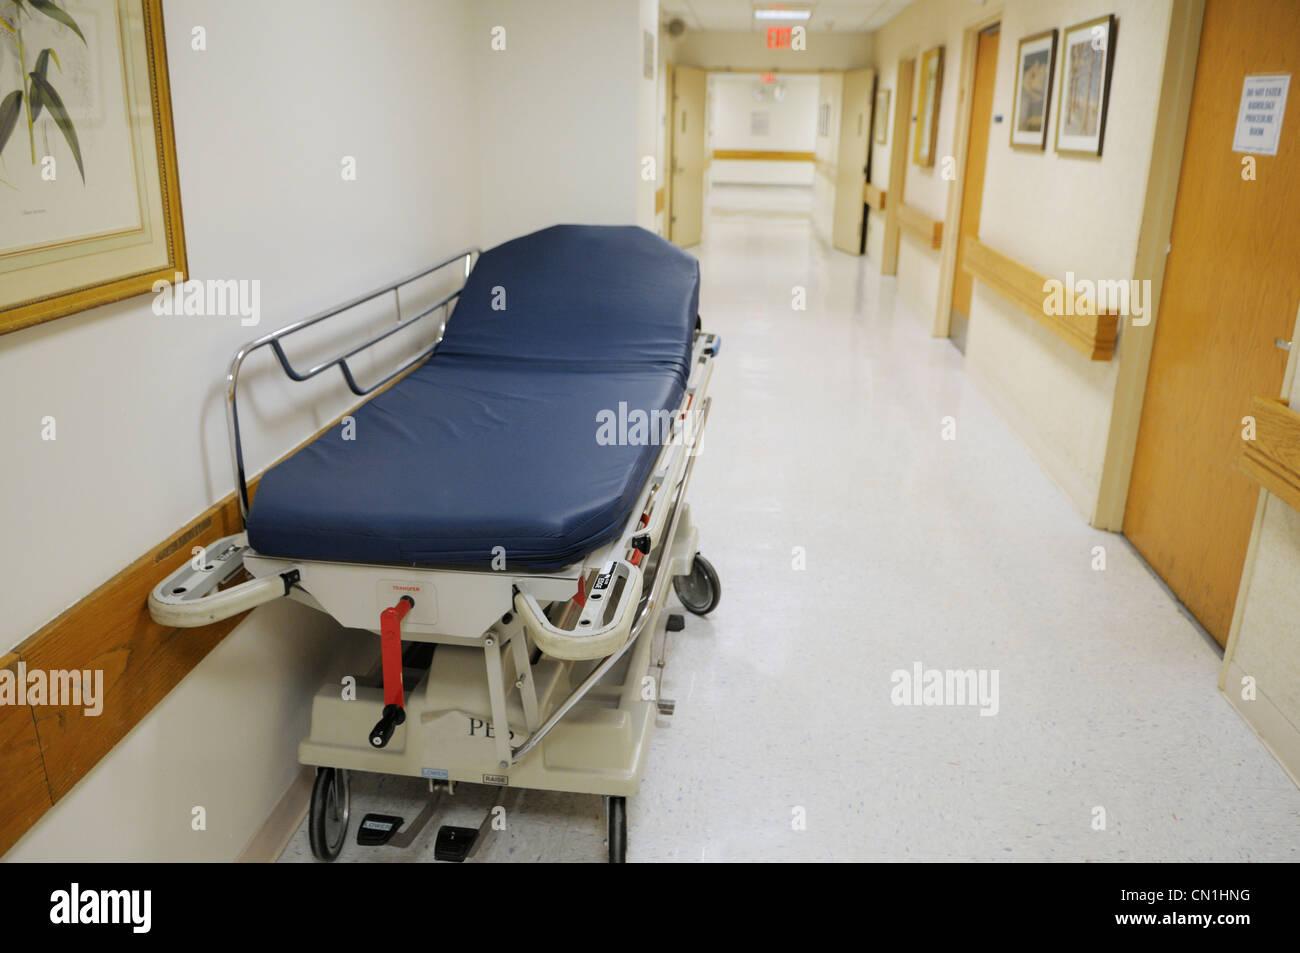 Couloir de l'hôpital avec gurney vide Photo Stock